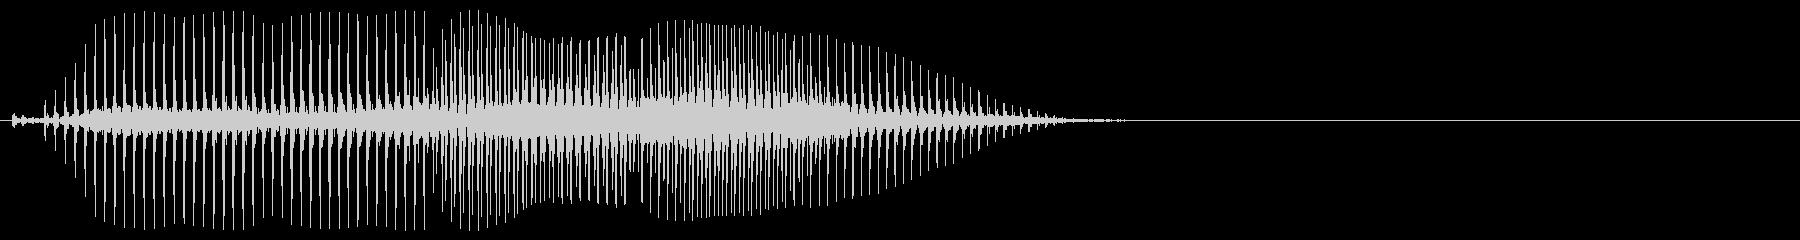 バリトンサックス:忍び寄るアクセン...の未再生の波形